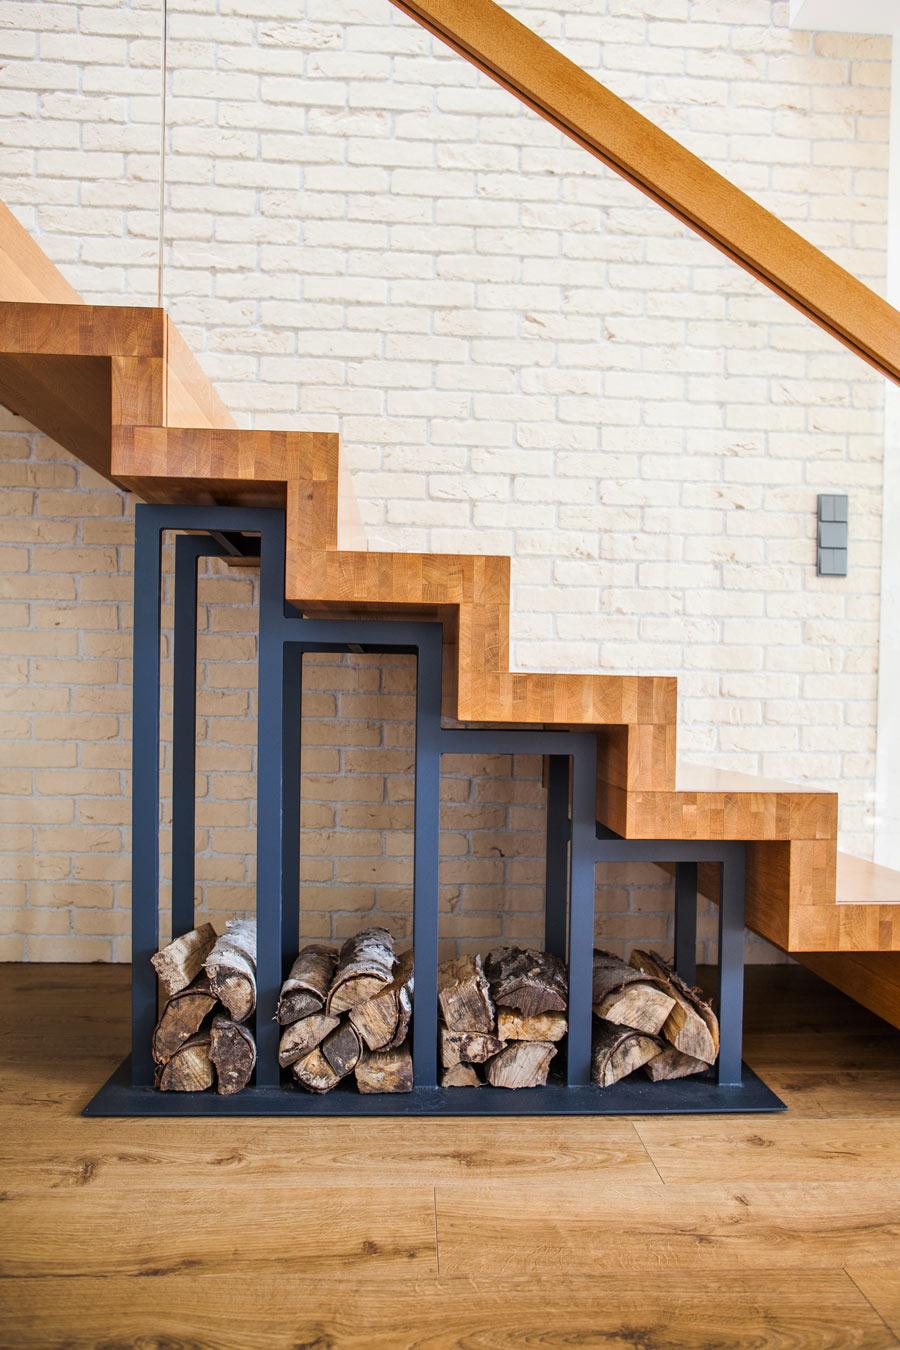 Struttura sotto scale per sistemare la legna per il camino.